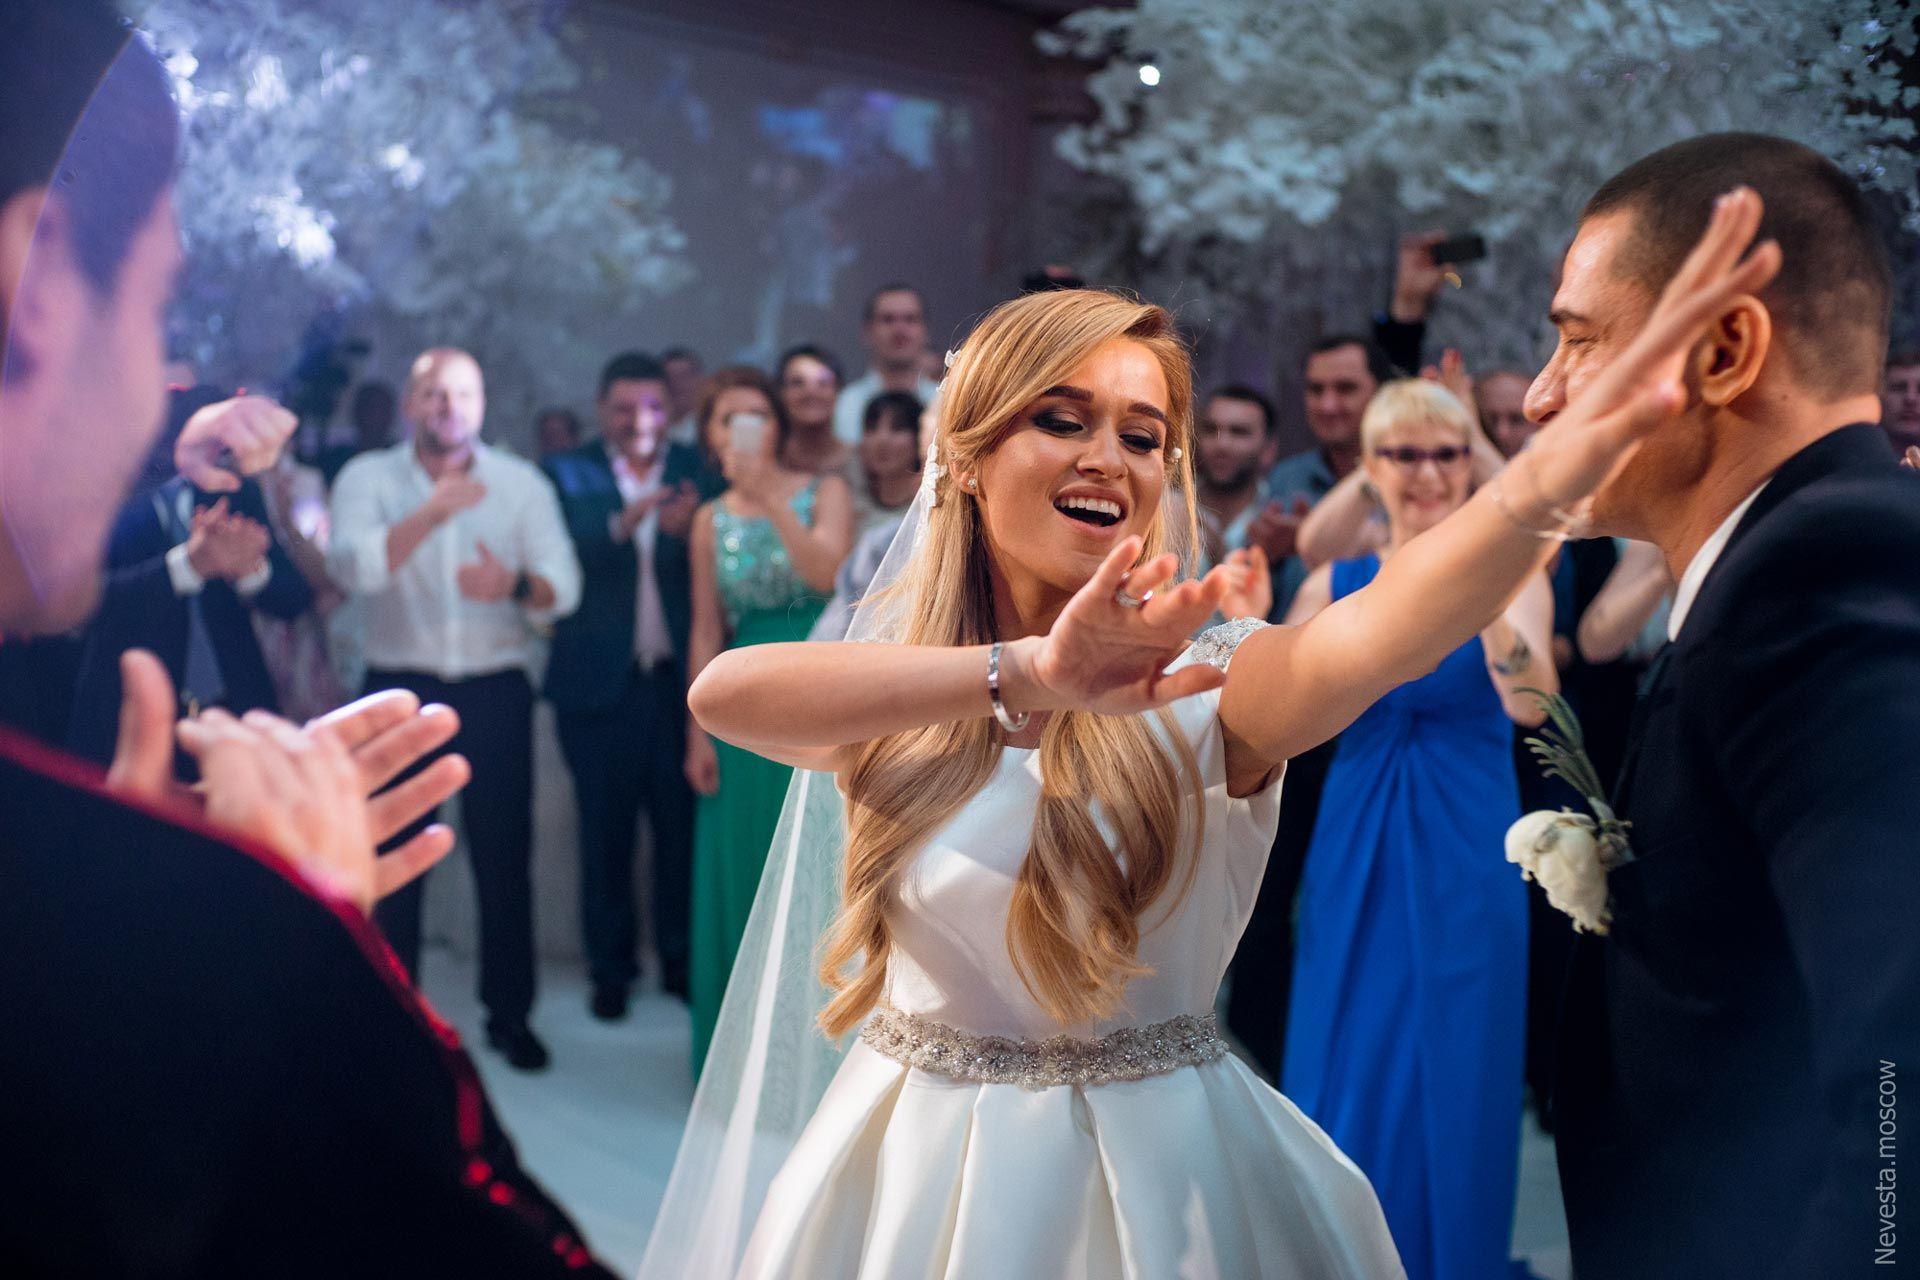 кто фотографировал свадьбу ксении бородиной линии разграничения между